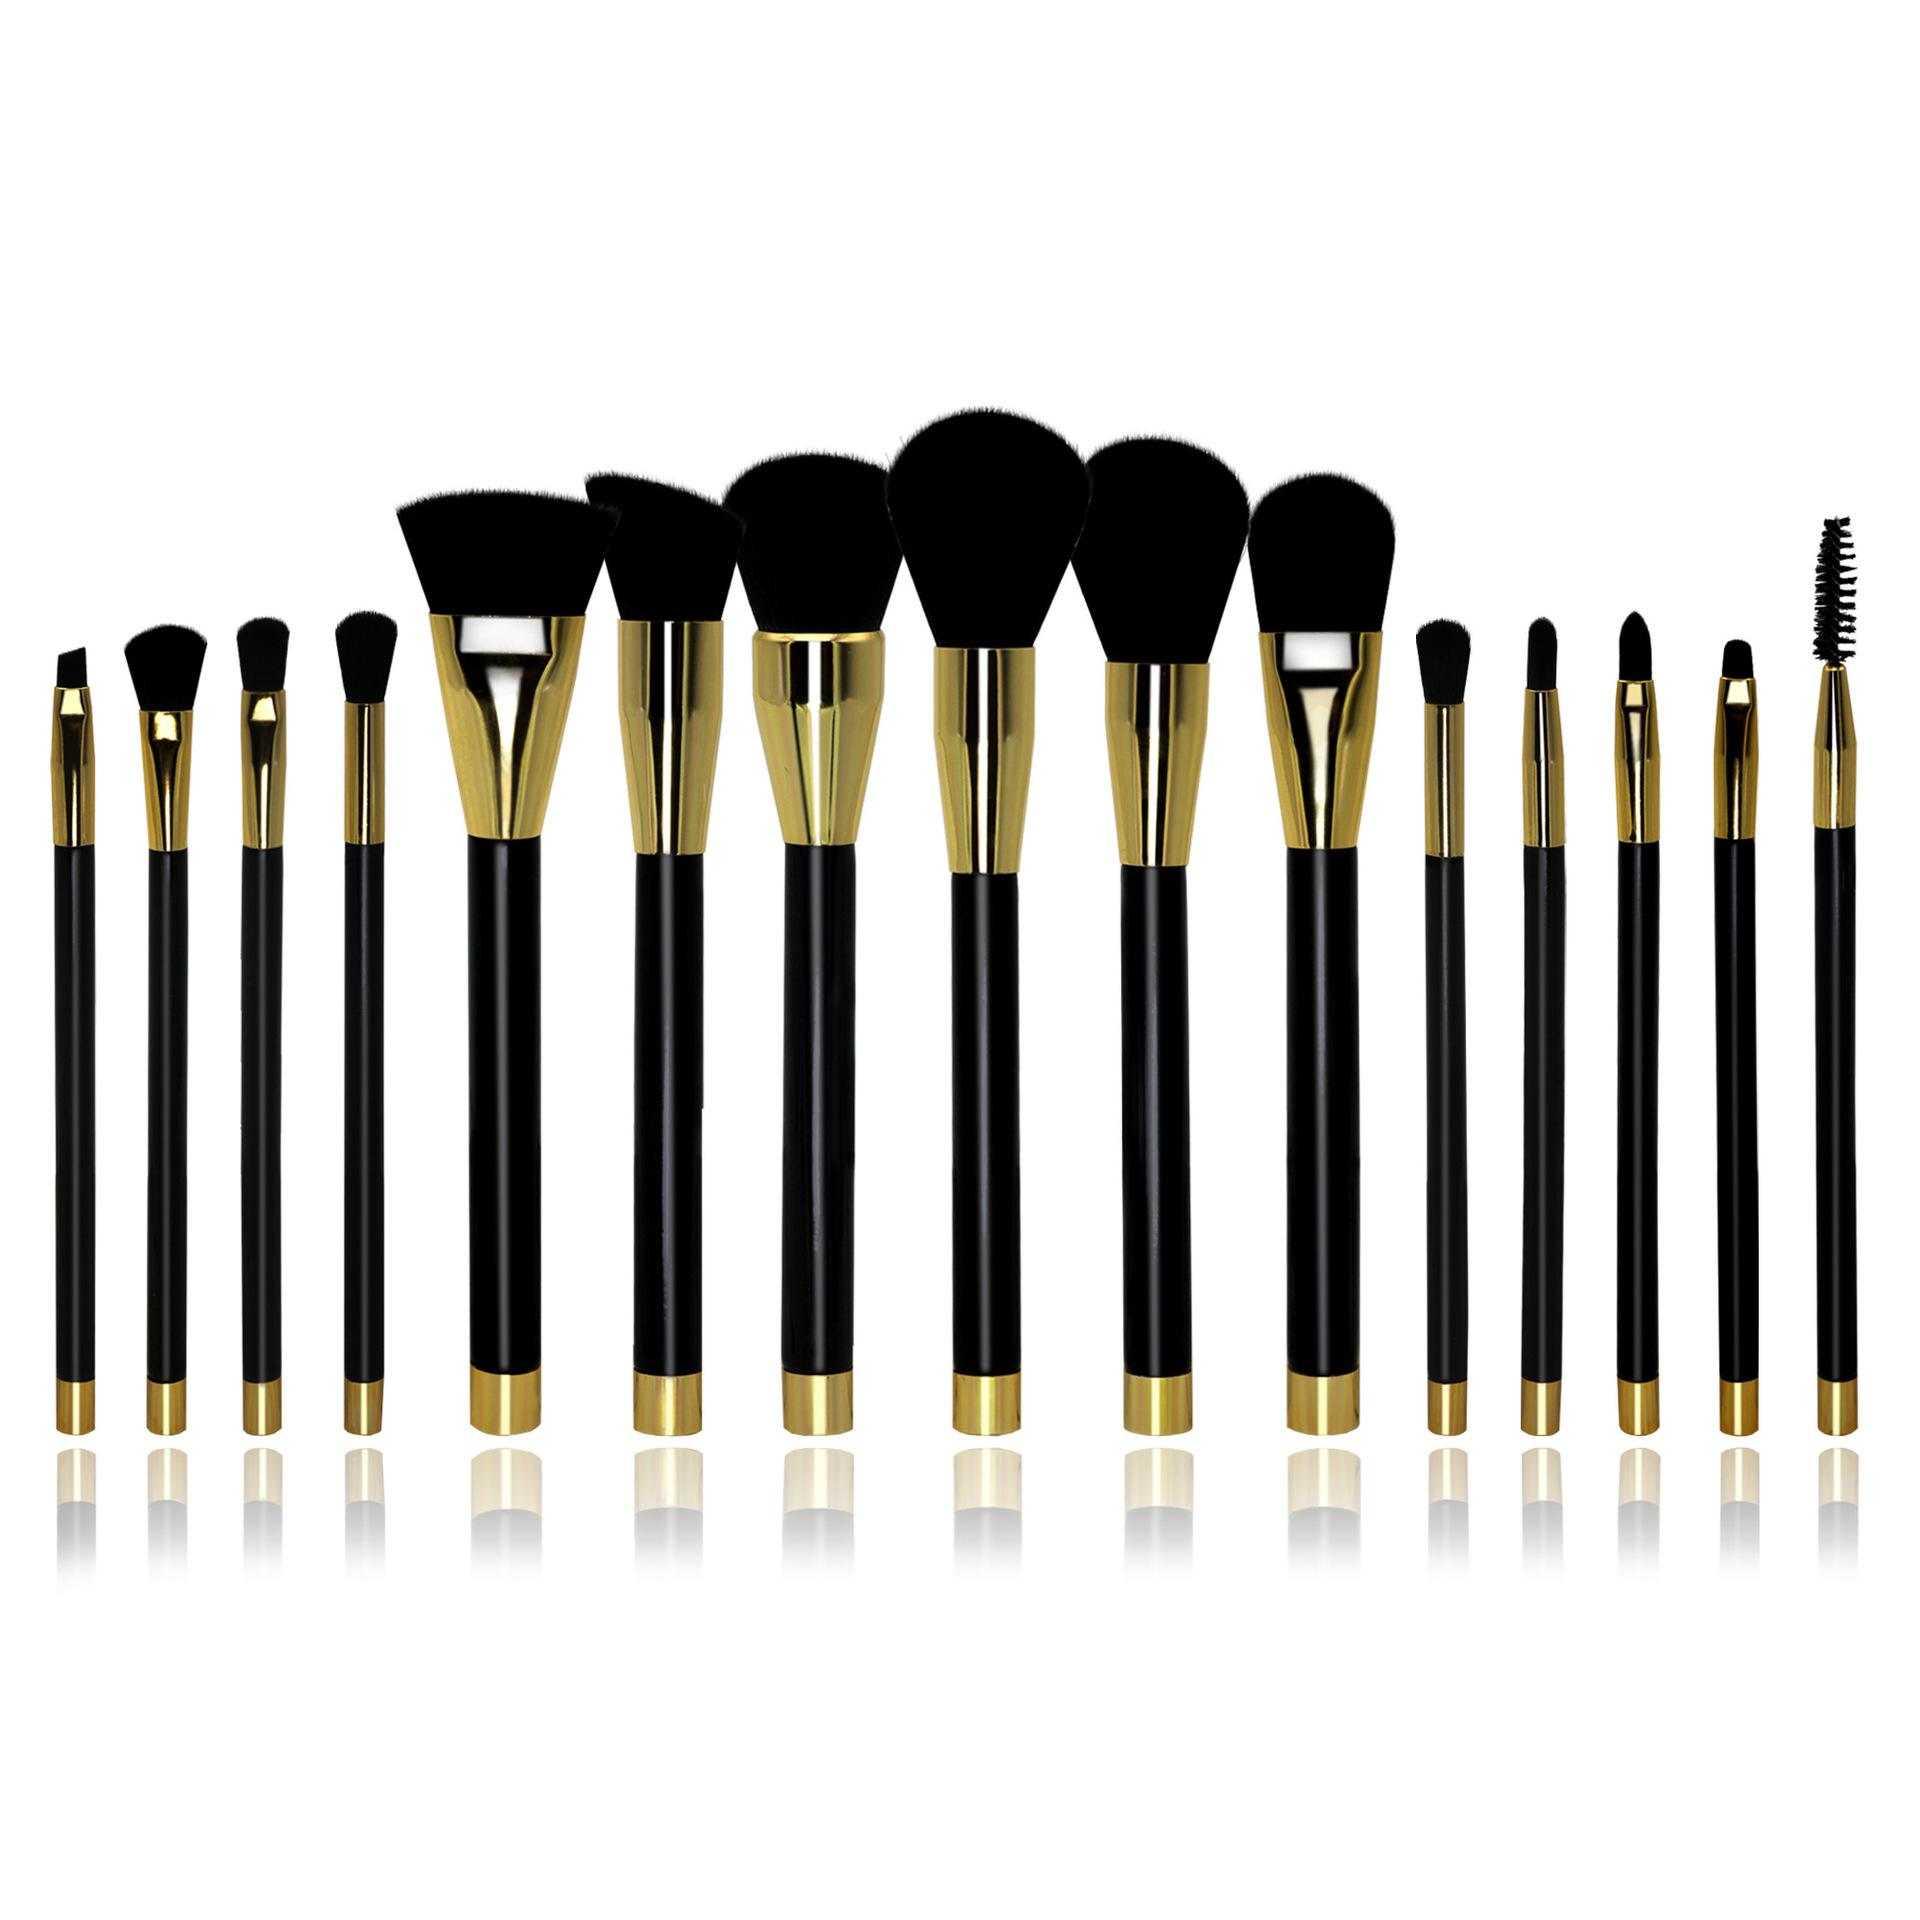 国产化妆刷品牌排行_2020最好用的国产化妆刷推荐